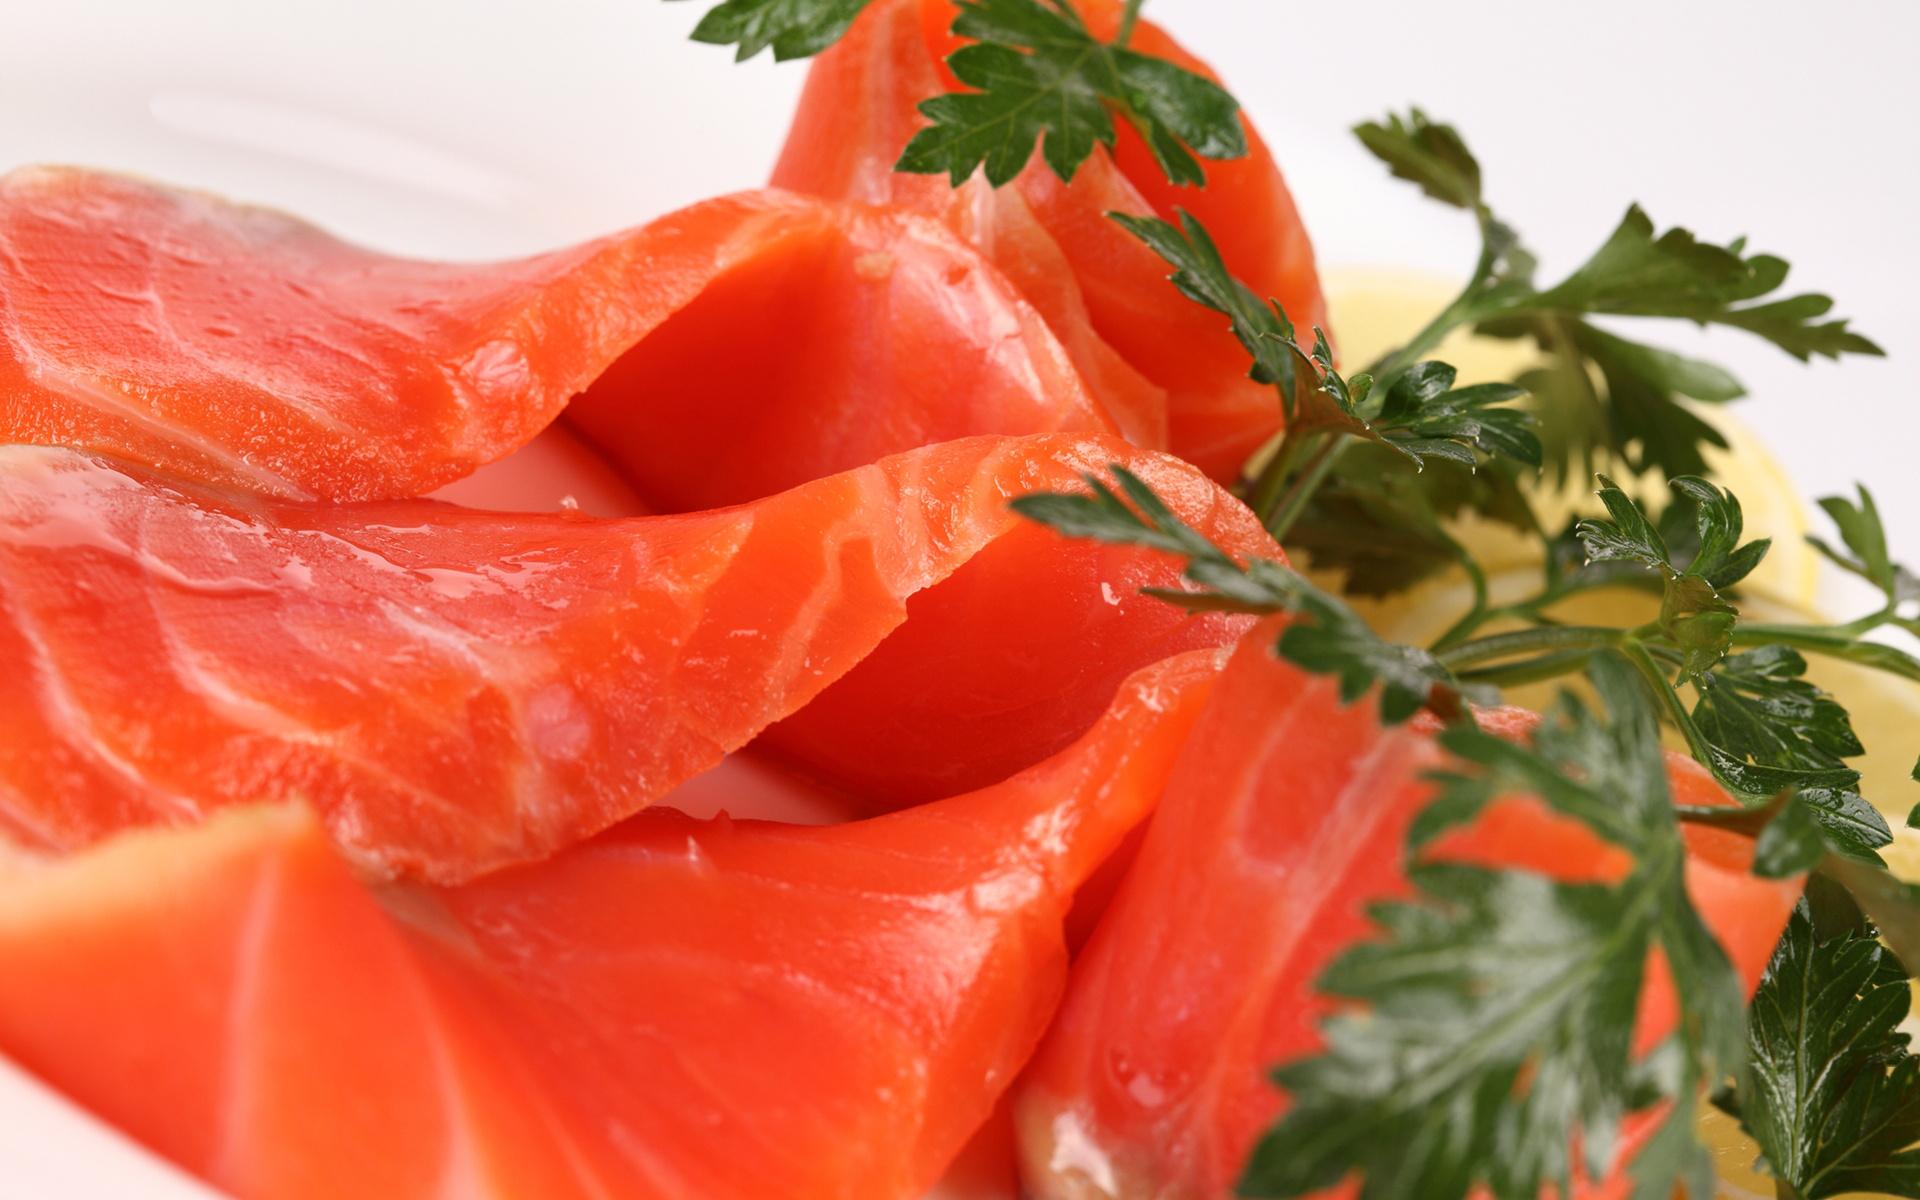 Сбор заказов. Рыбная продукция из семги и форели, осетра и других ценных пород. Чёрная икра премиального качества Г-о-р-к-у-н-о-в. Икра красная. От производителя. Сбор-11.